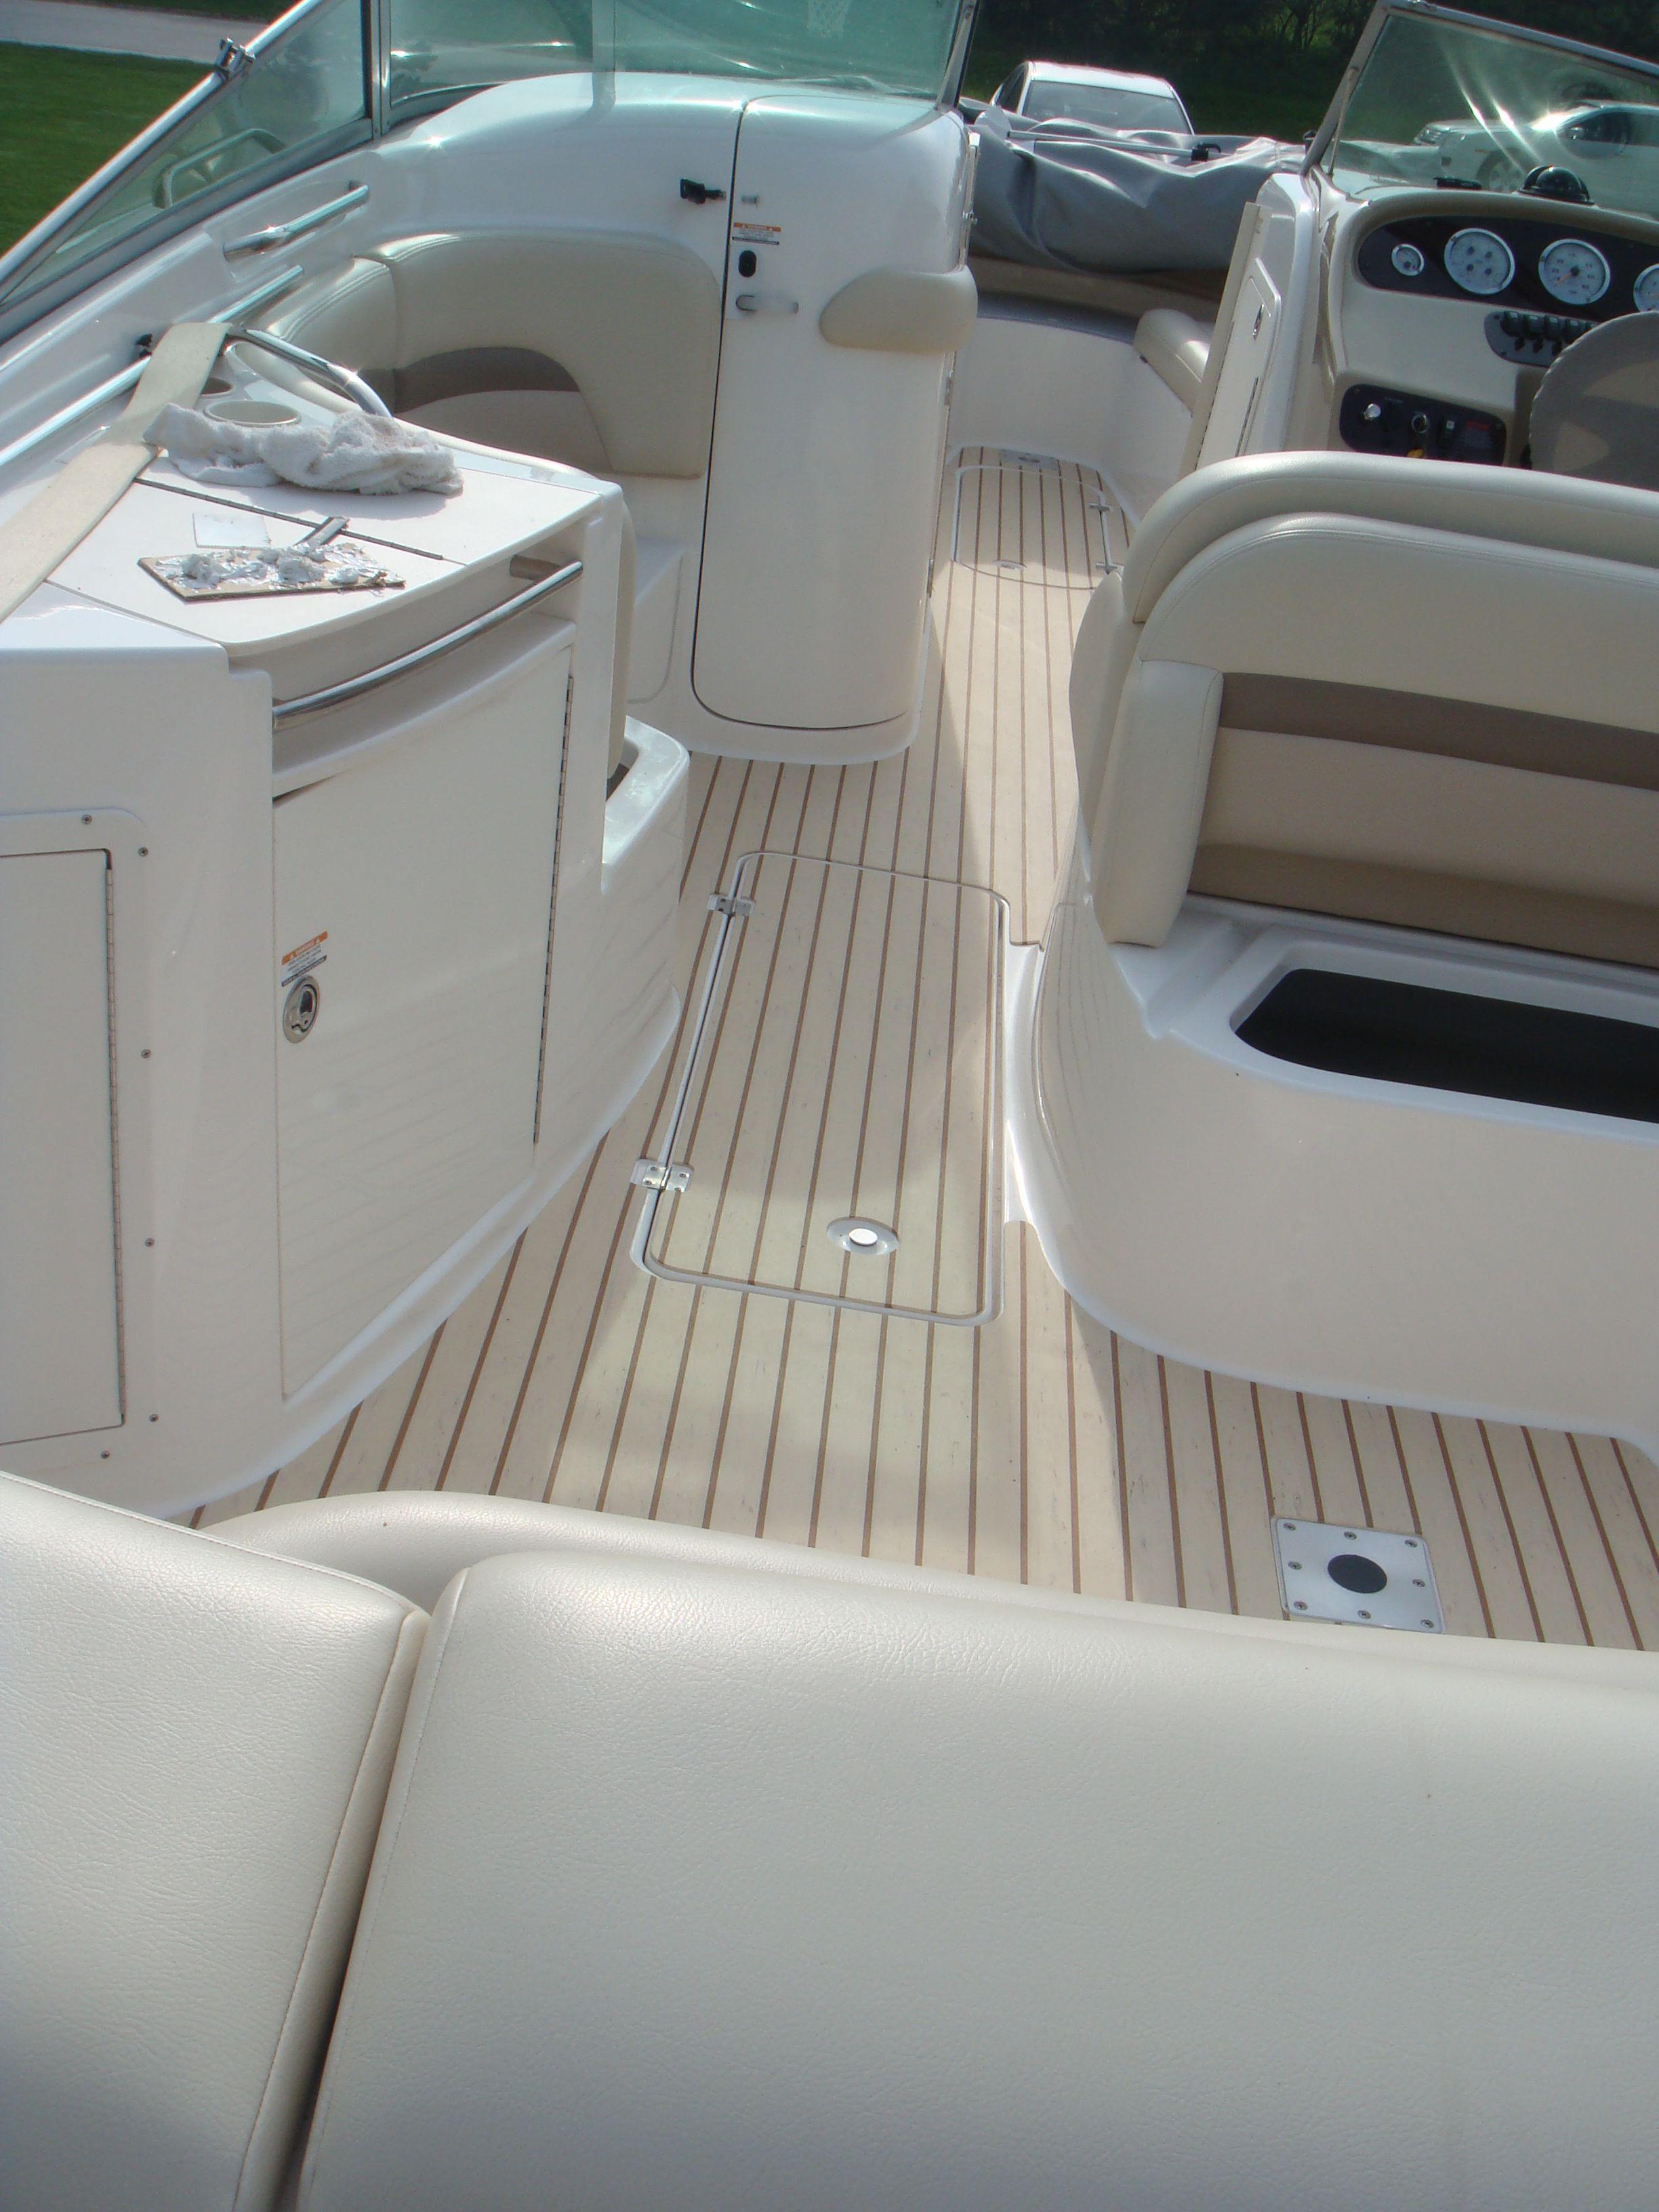 Vinyl teak flooring for boat solution vinyl floor covering for boats agent